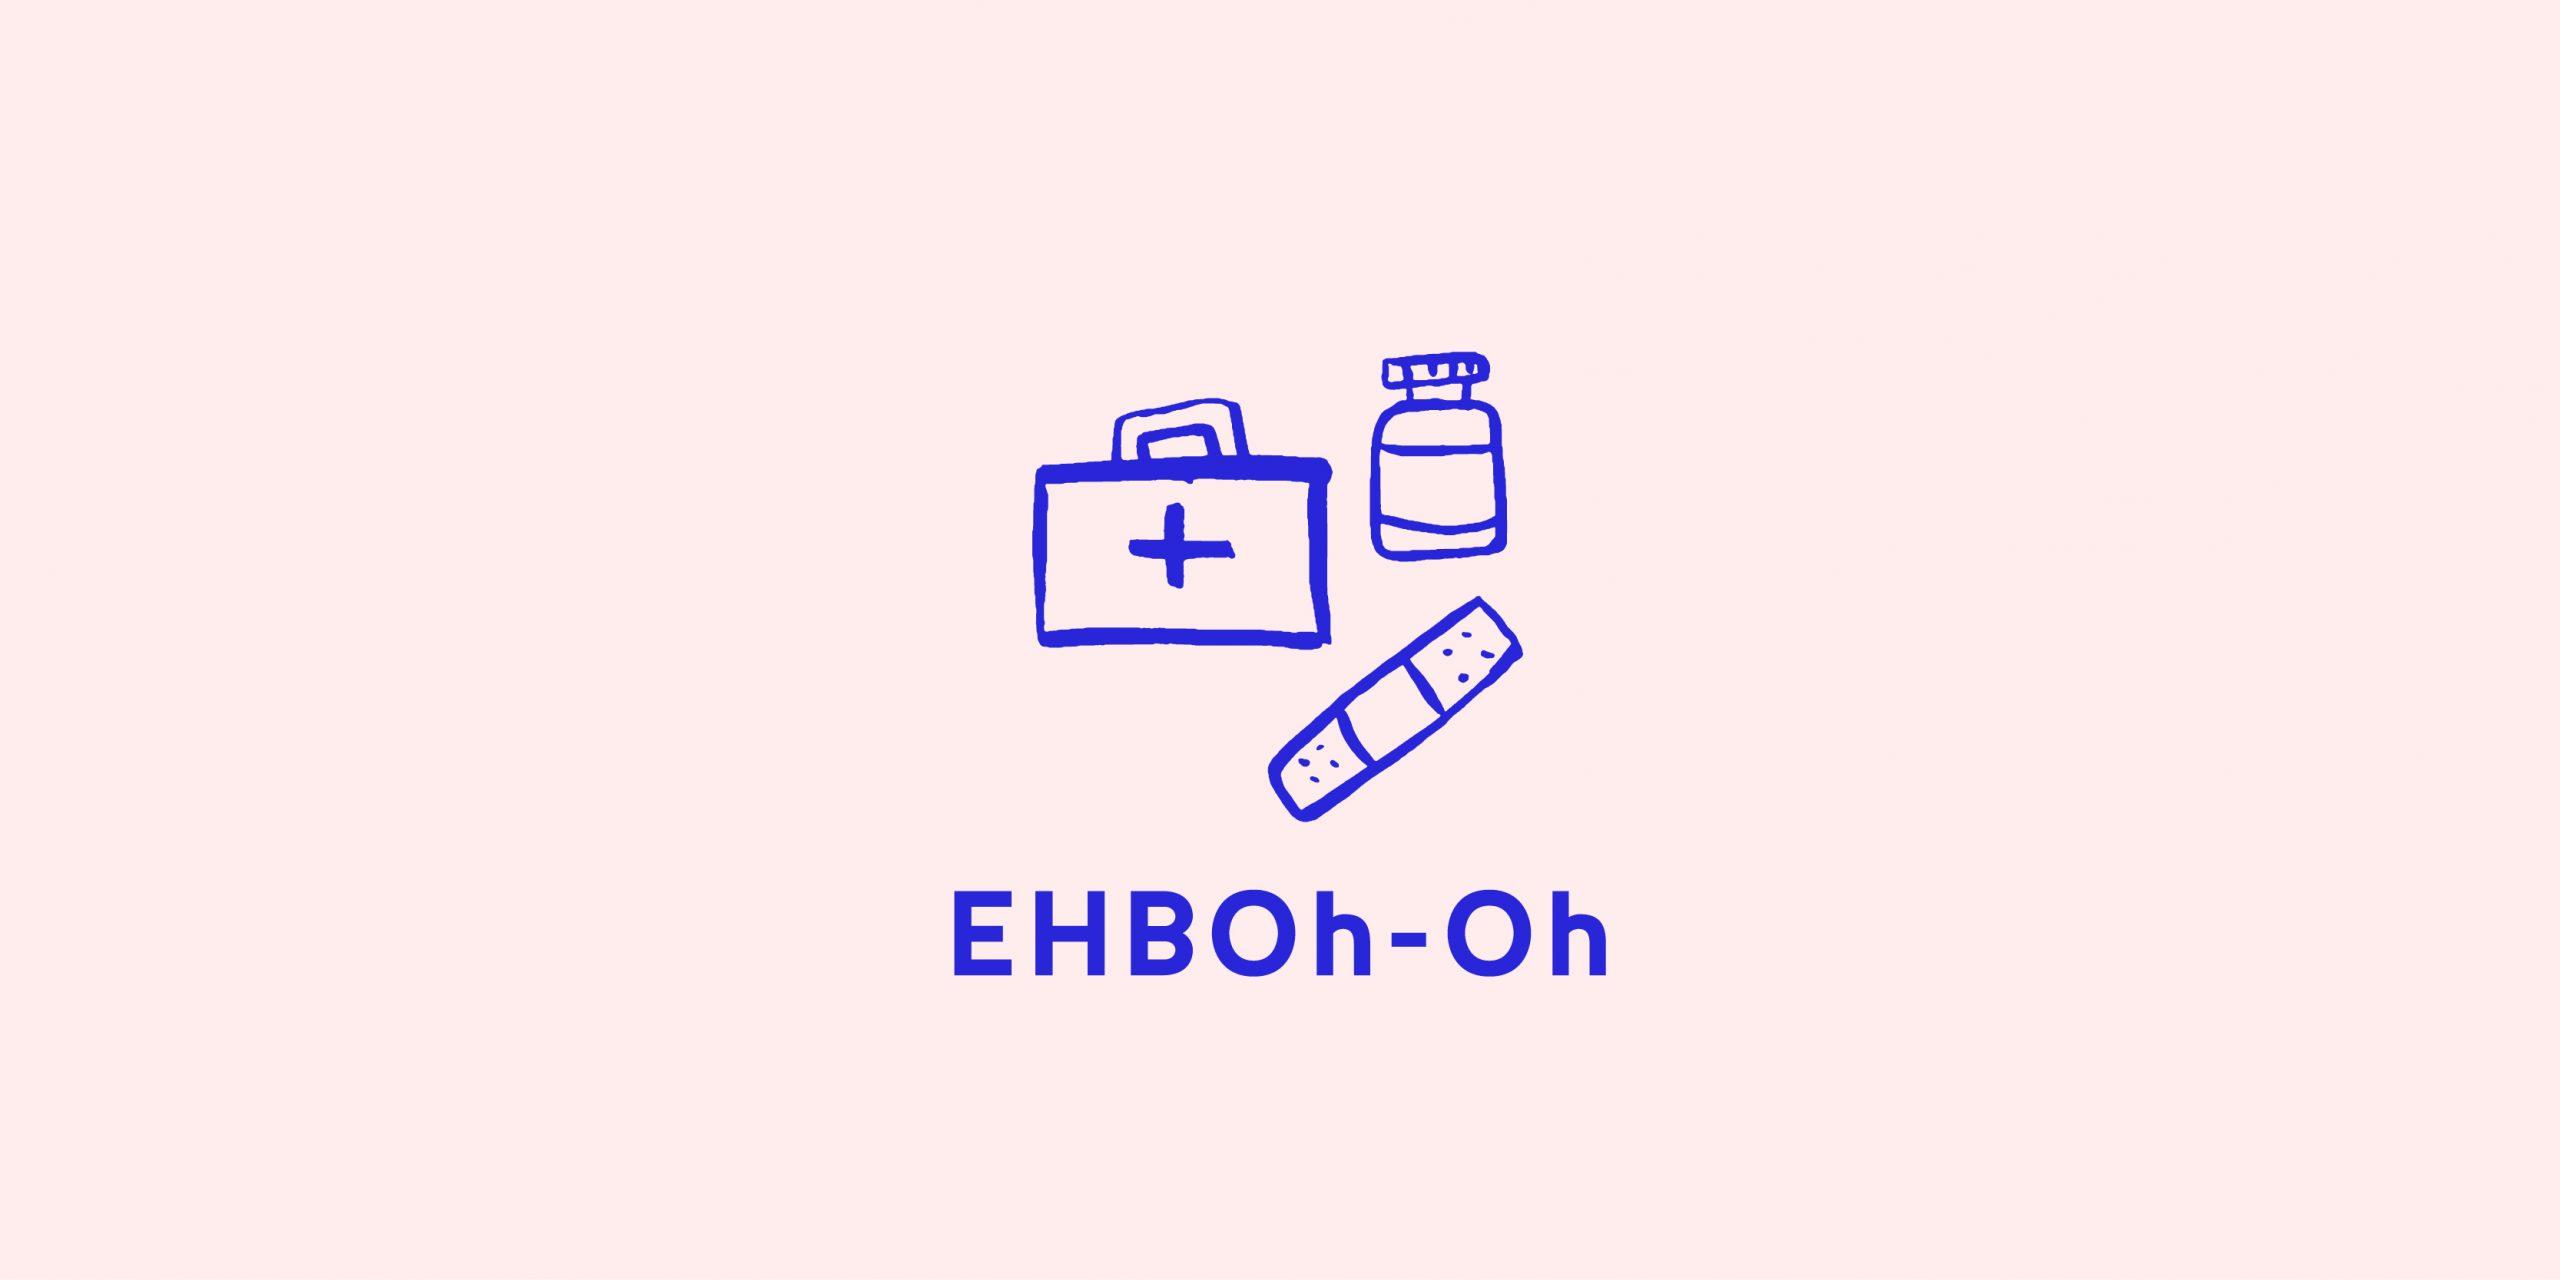 EHBOh-oh